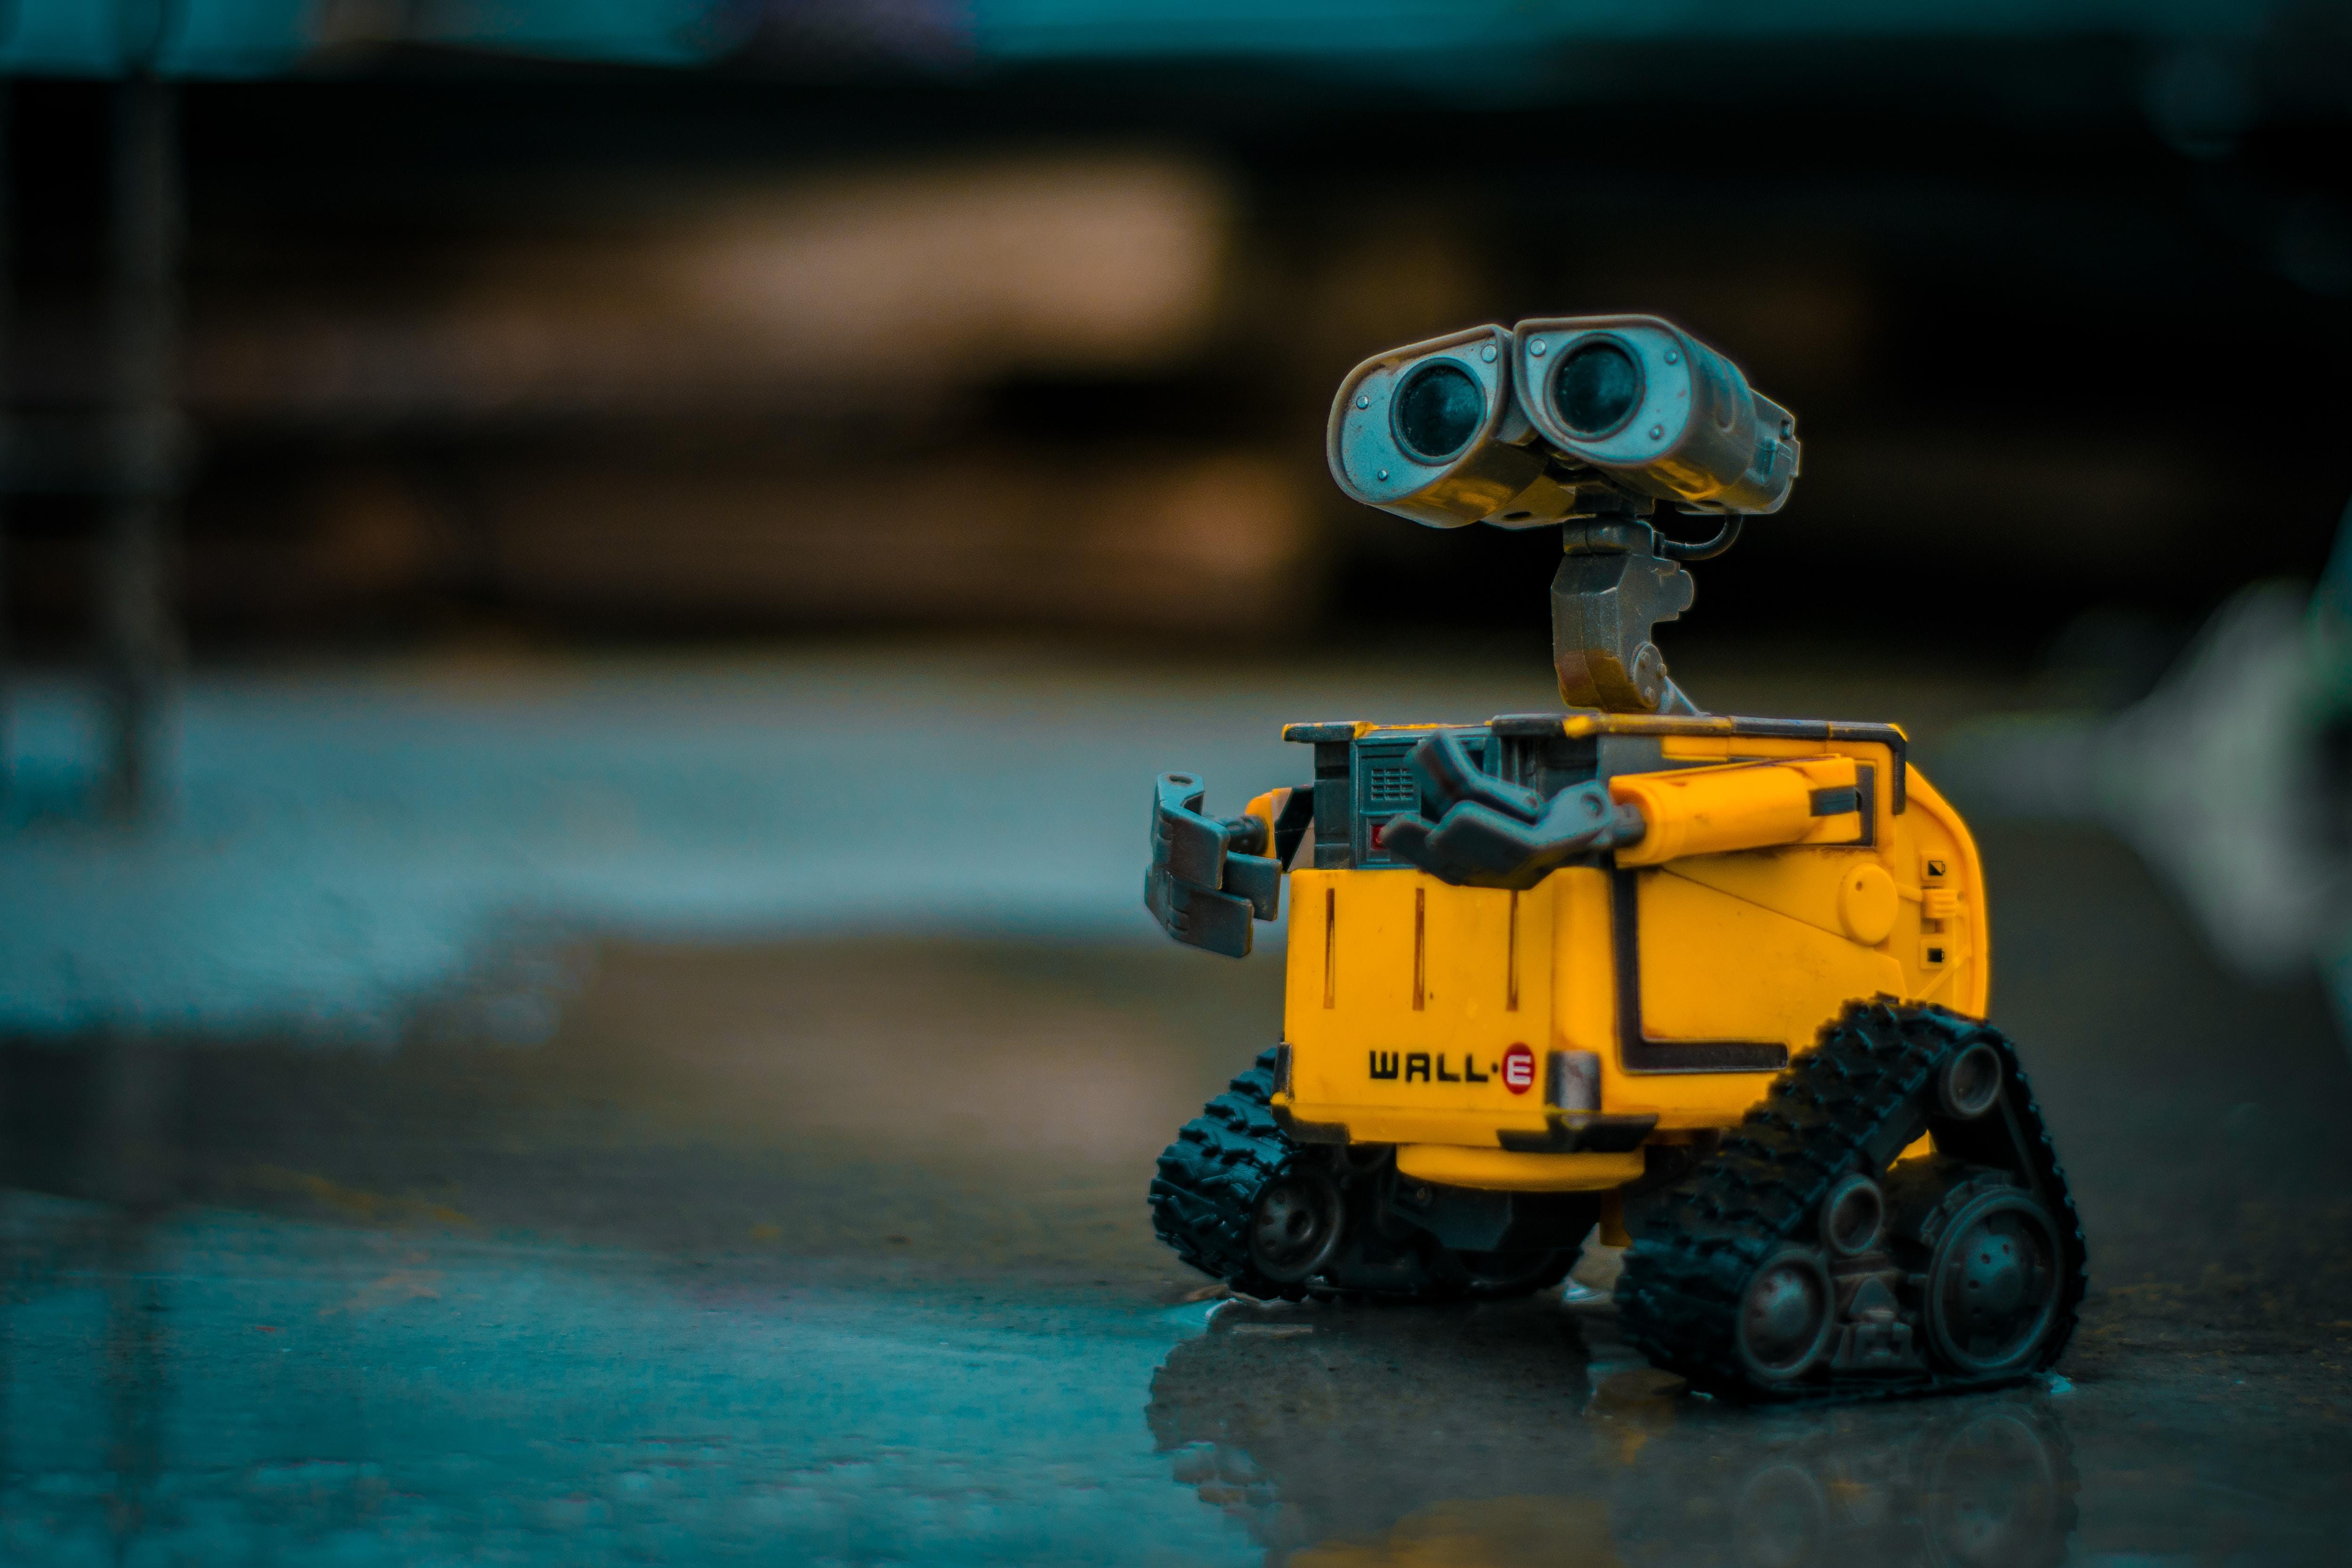 750 Robot